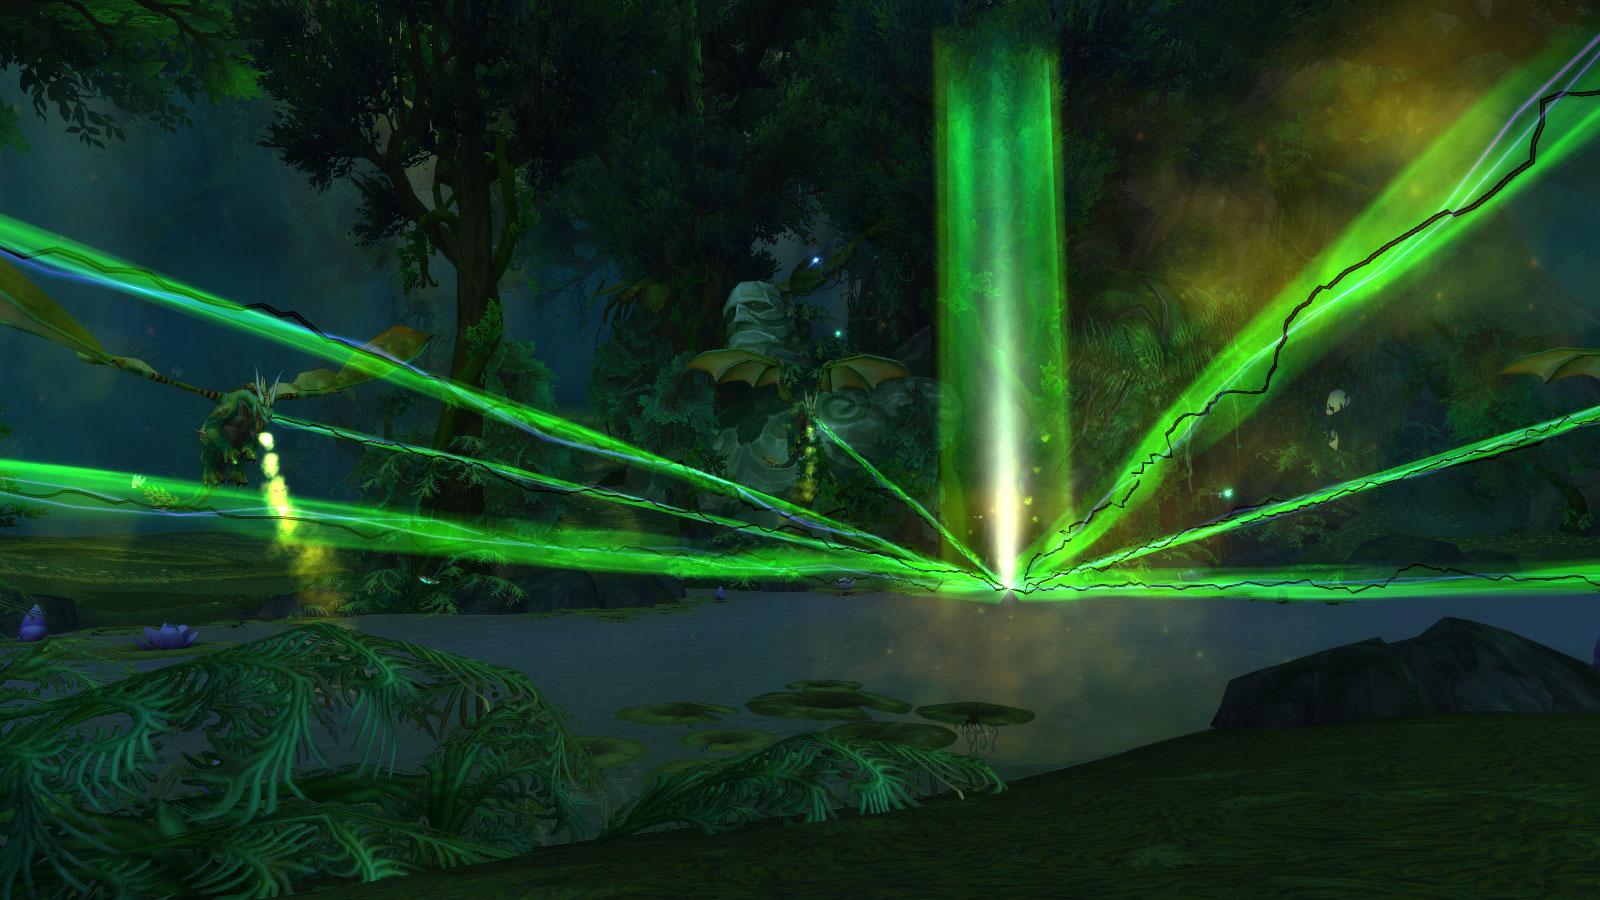 Les Dragons verts aident Merithra à reforger l'essence